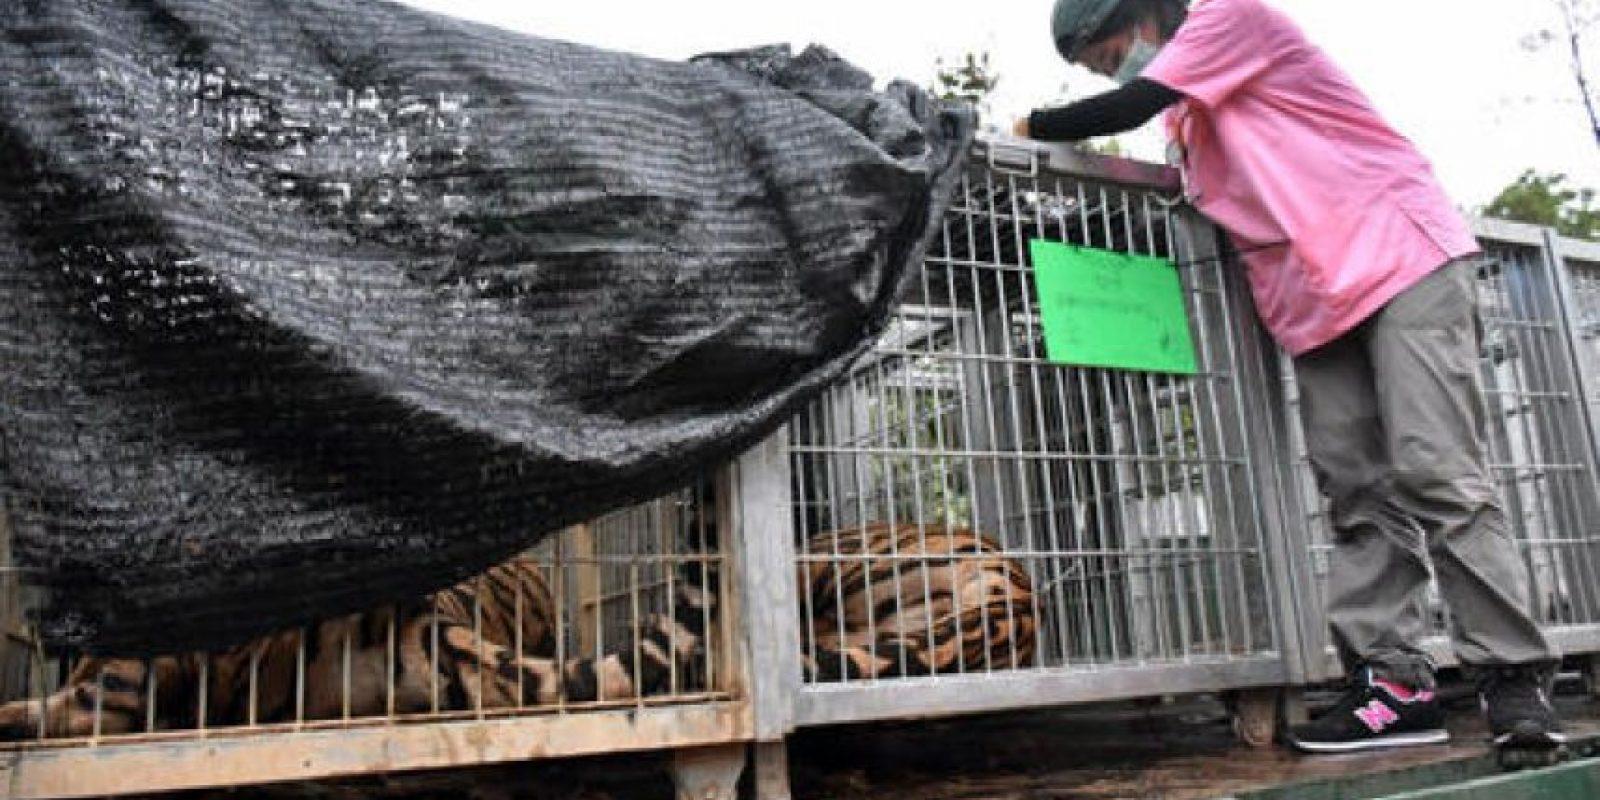 Se removieron 137 tigres del templo. Foto:AP